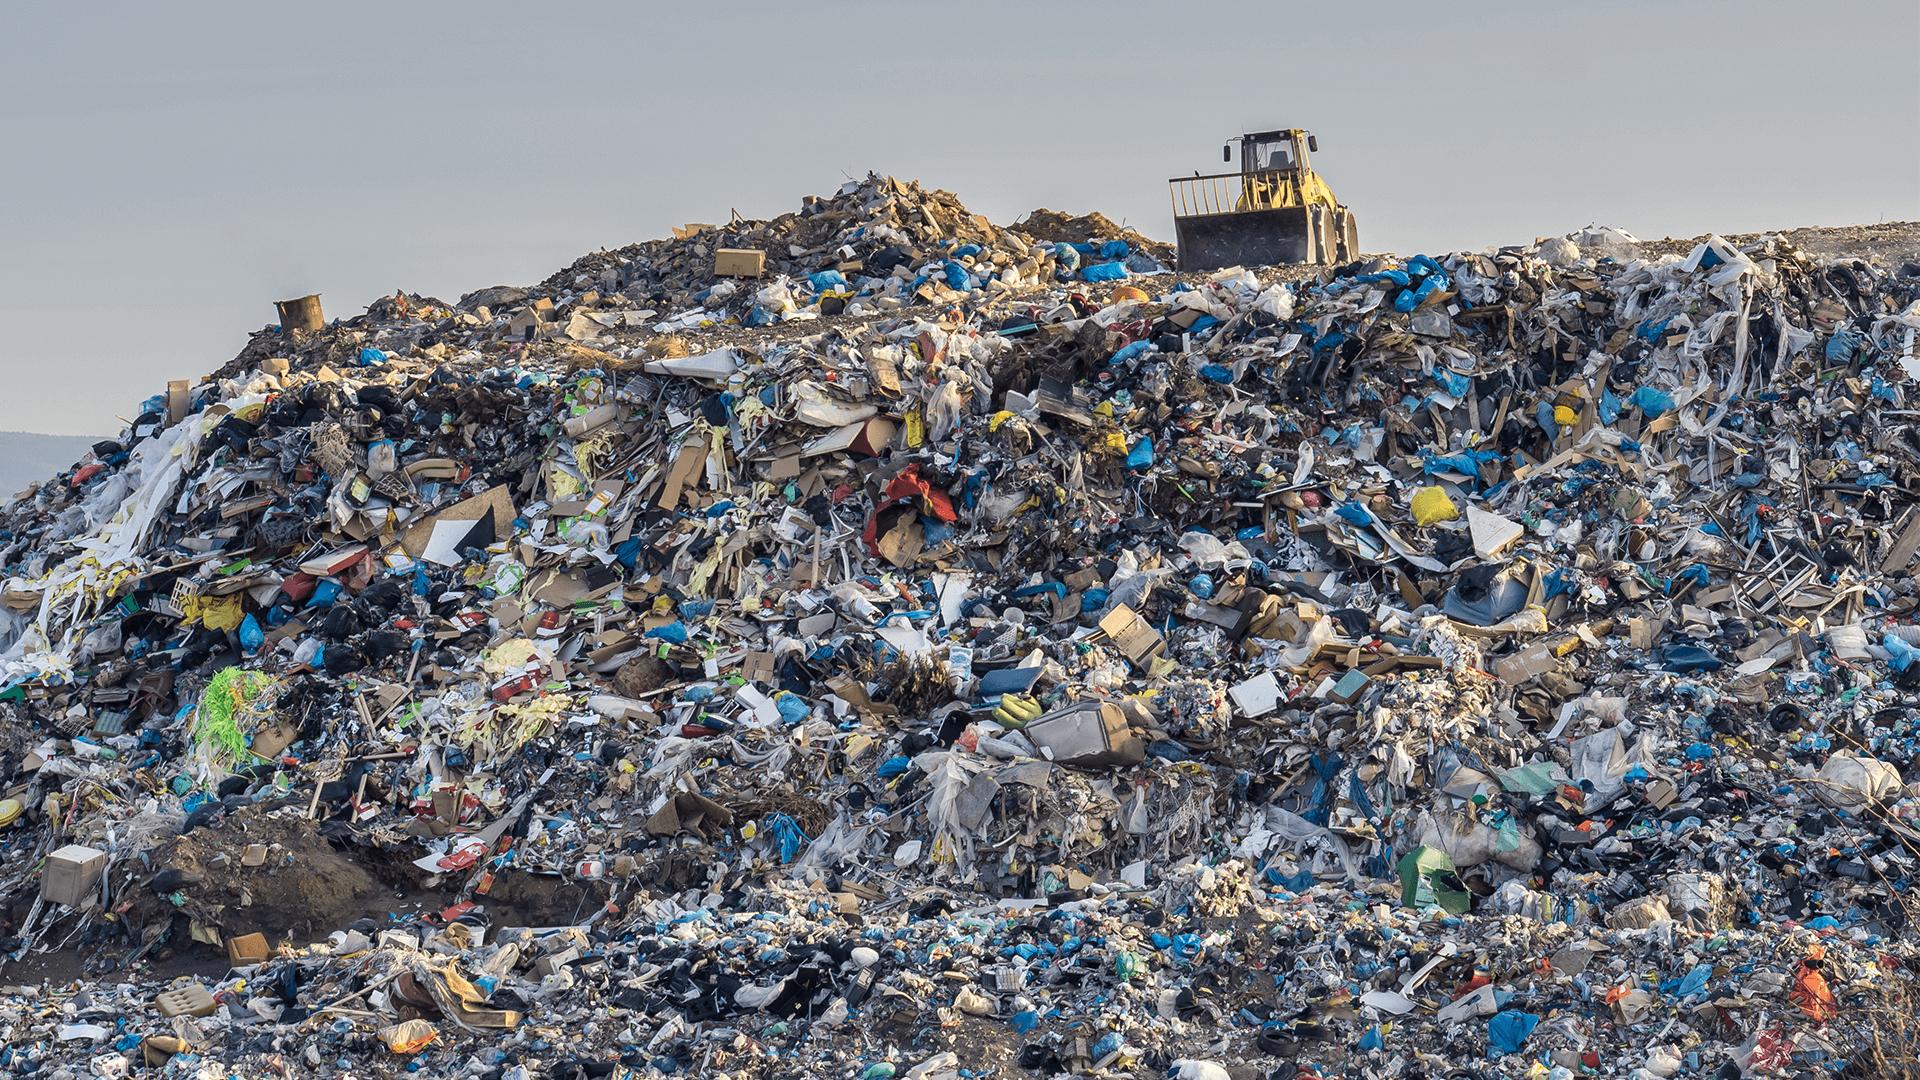 картинки мусорка много мусора тягу сына музыке